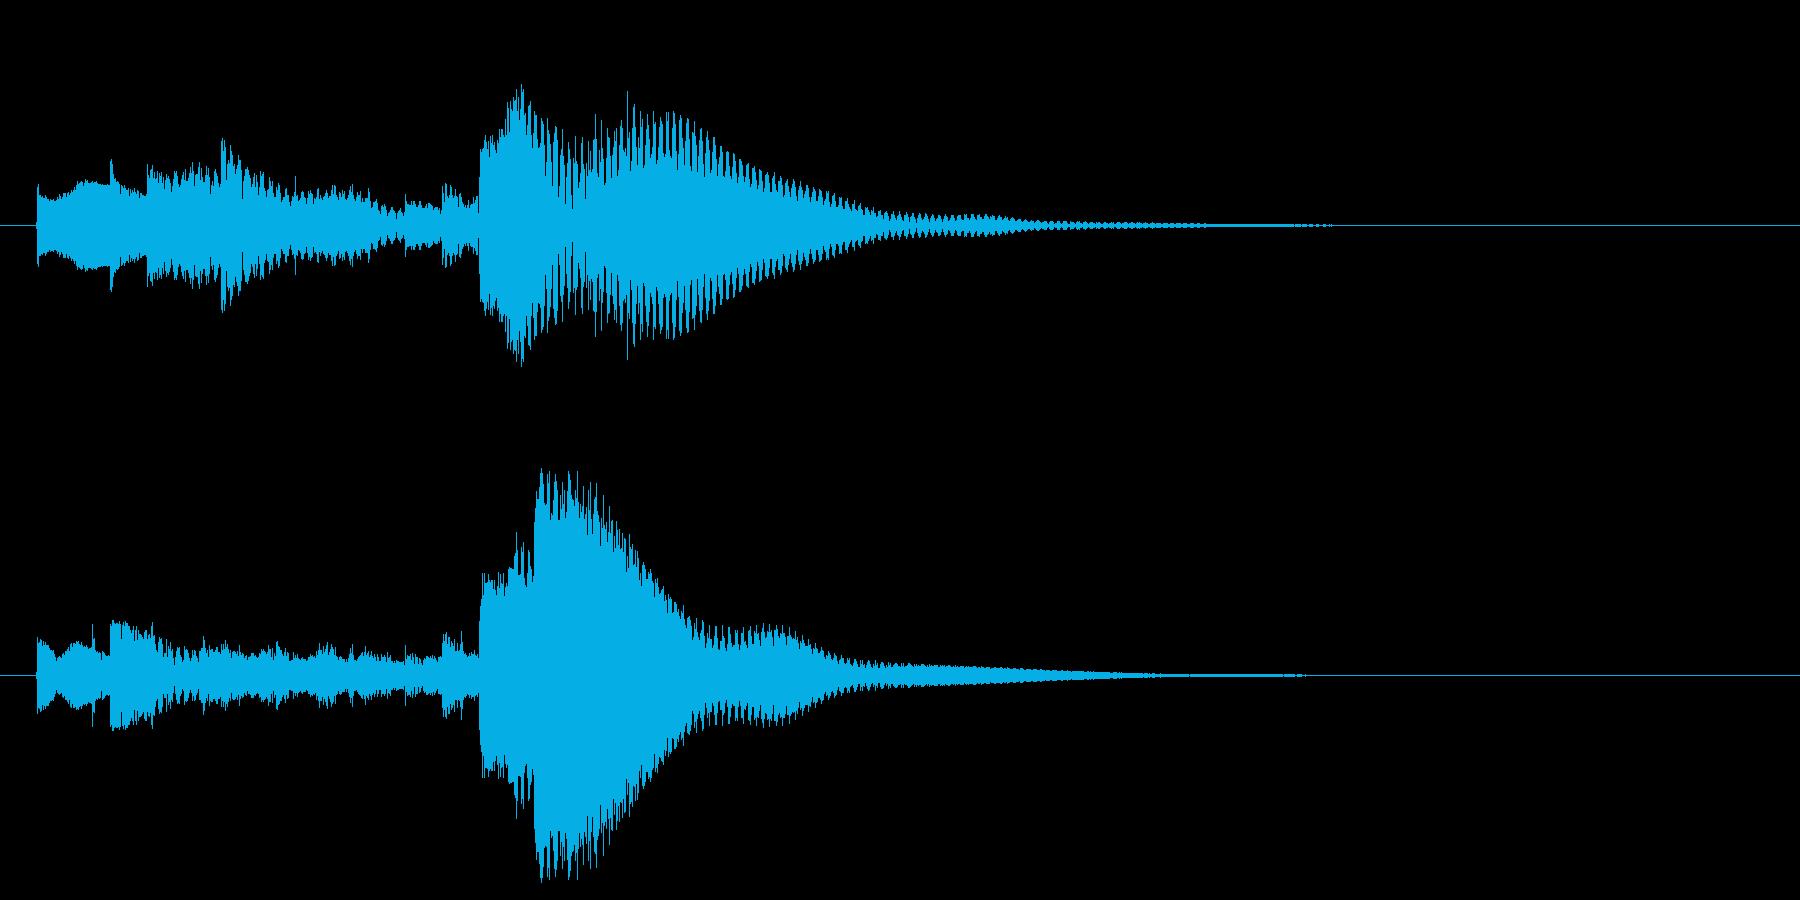 ベルトーンのミステリアスな場面転換音の再生済みの波形